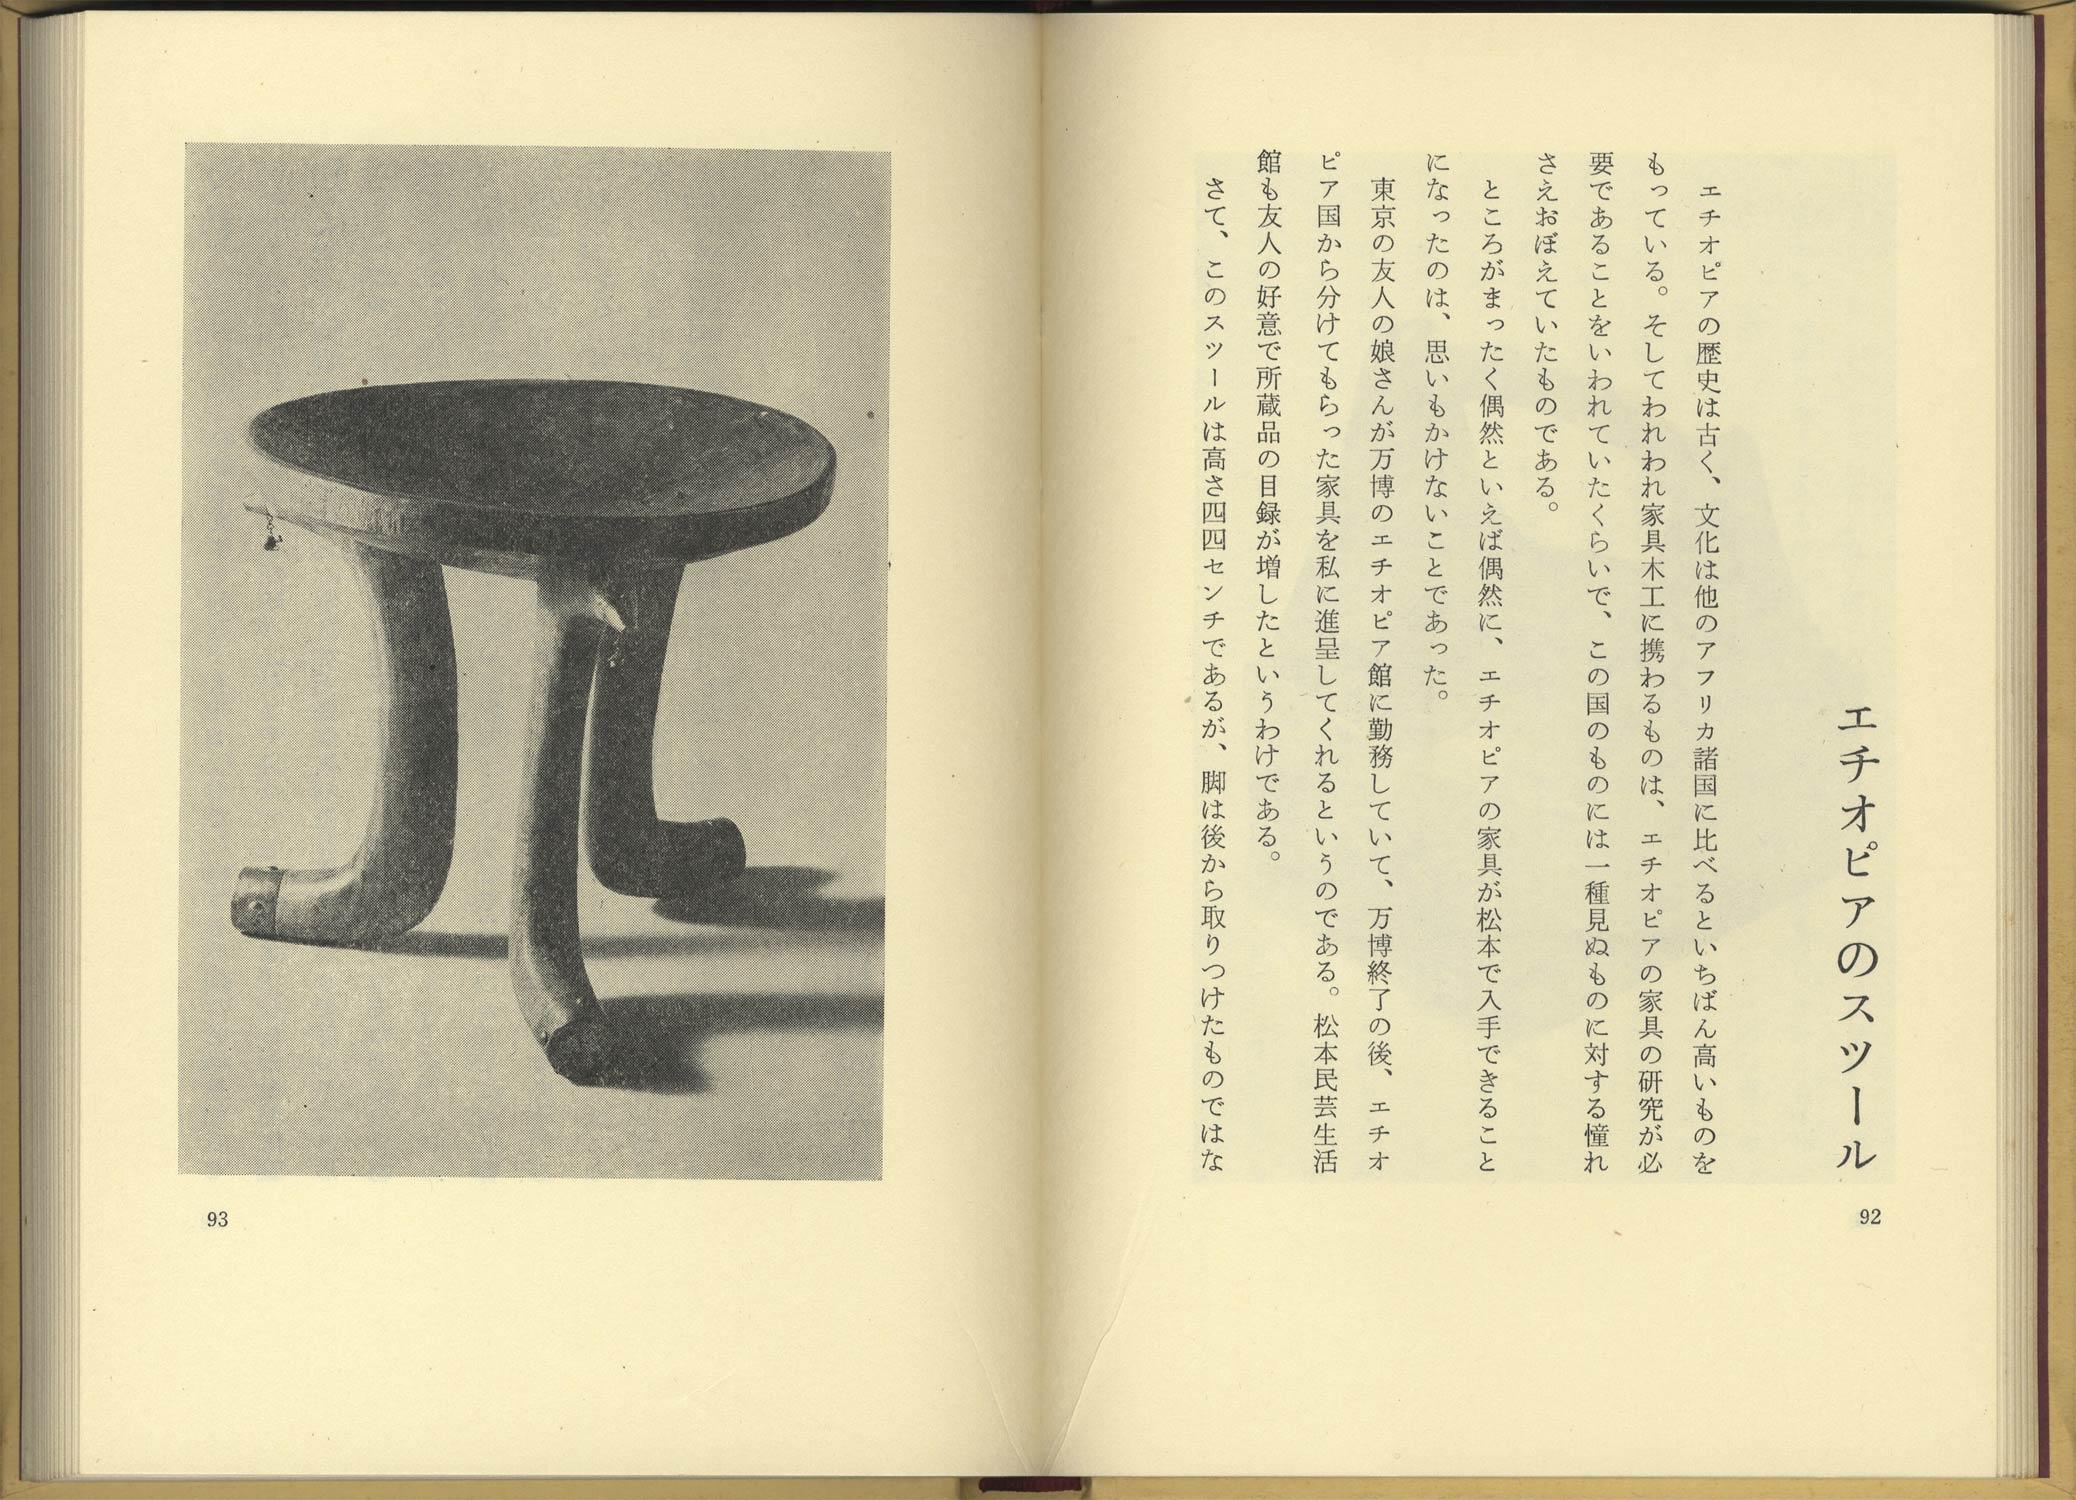 木の民芸 日常雑器に見る手づくりの美[image3]